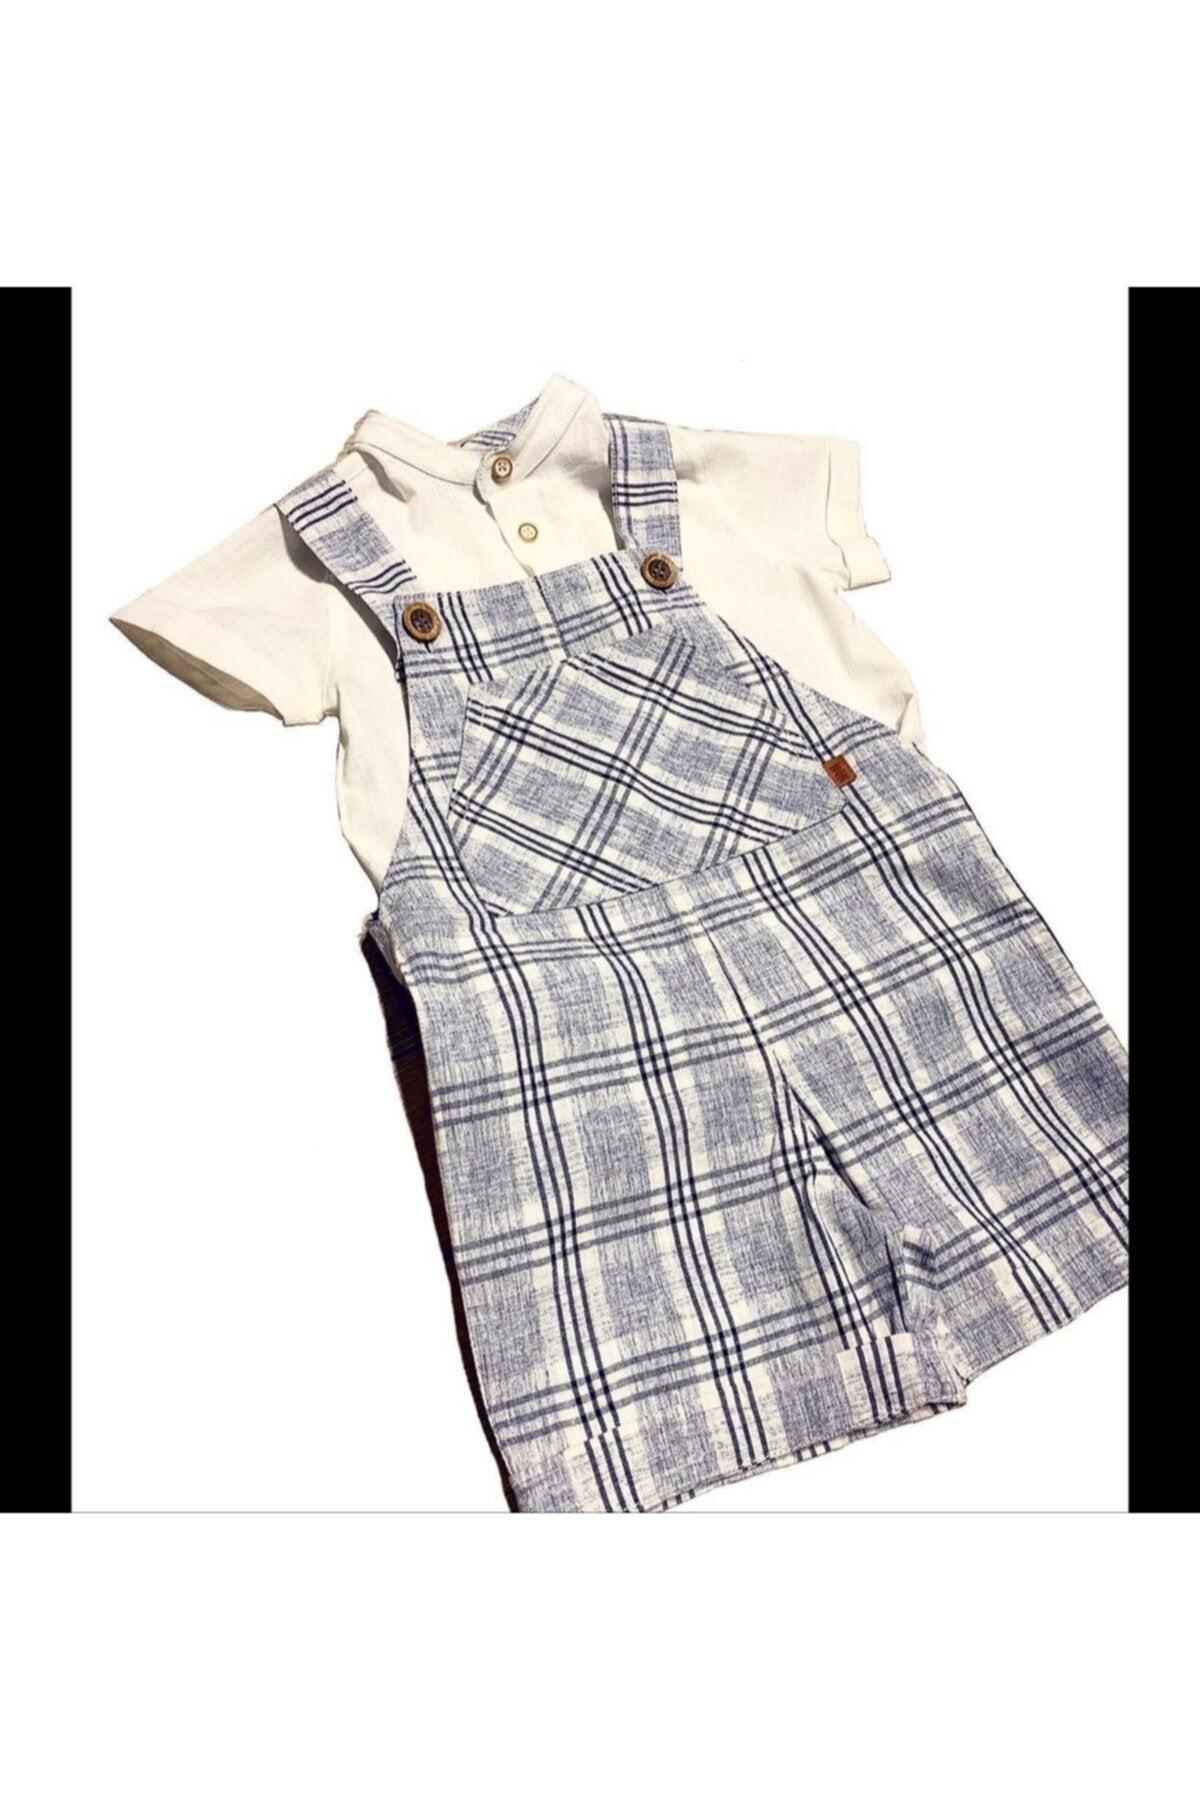 Midimod Erkek Bebek Slopet Gömlekli 2 Li Takım 1